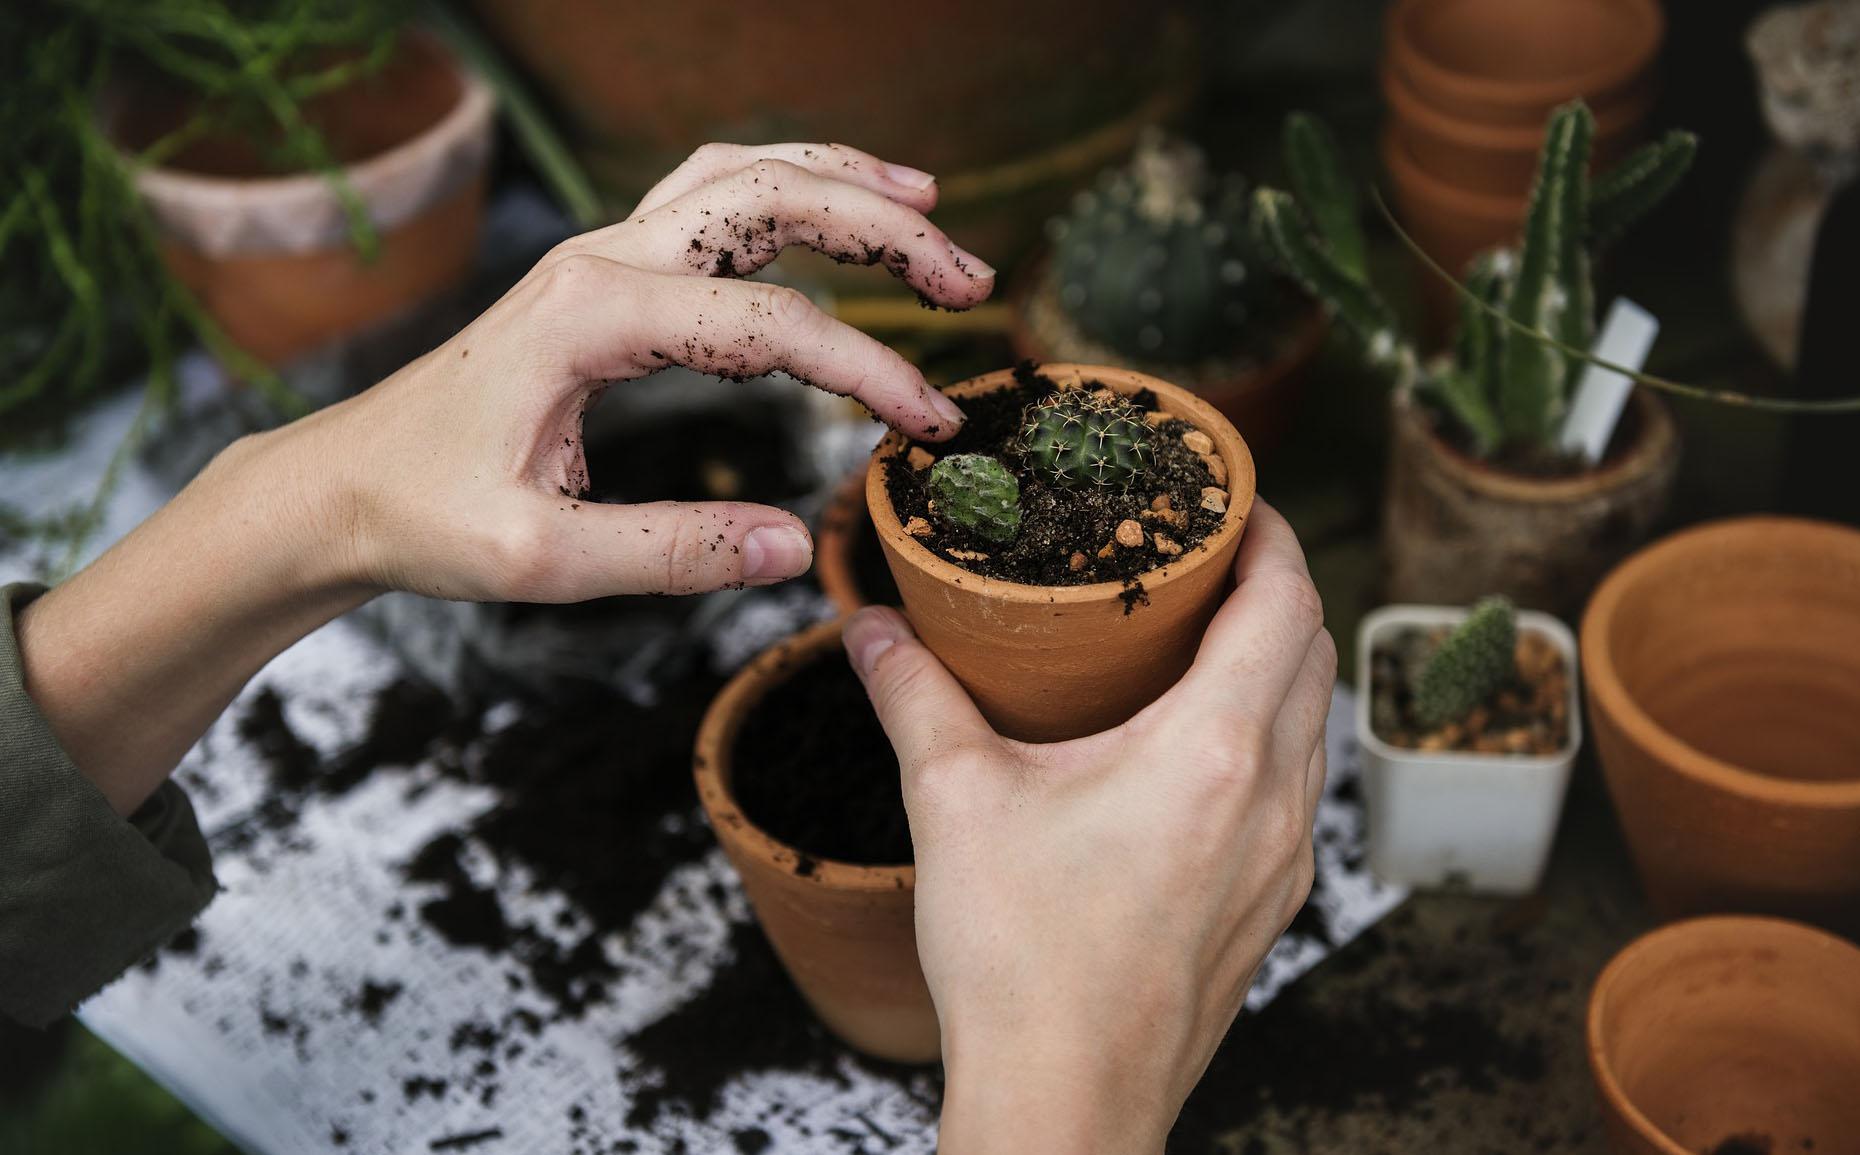 Giardinaggio: un hobby che migliora l'umore e l'autostima. Ma non solo